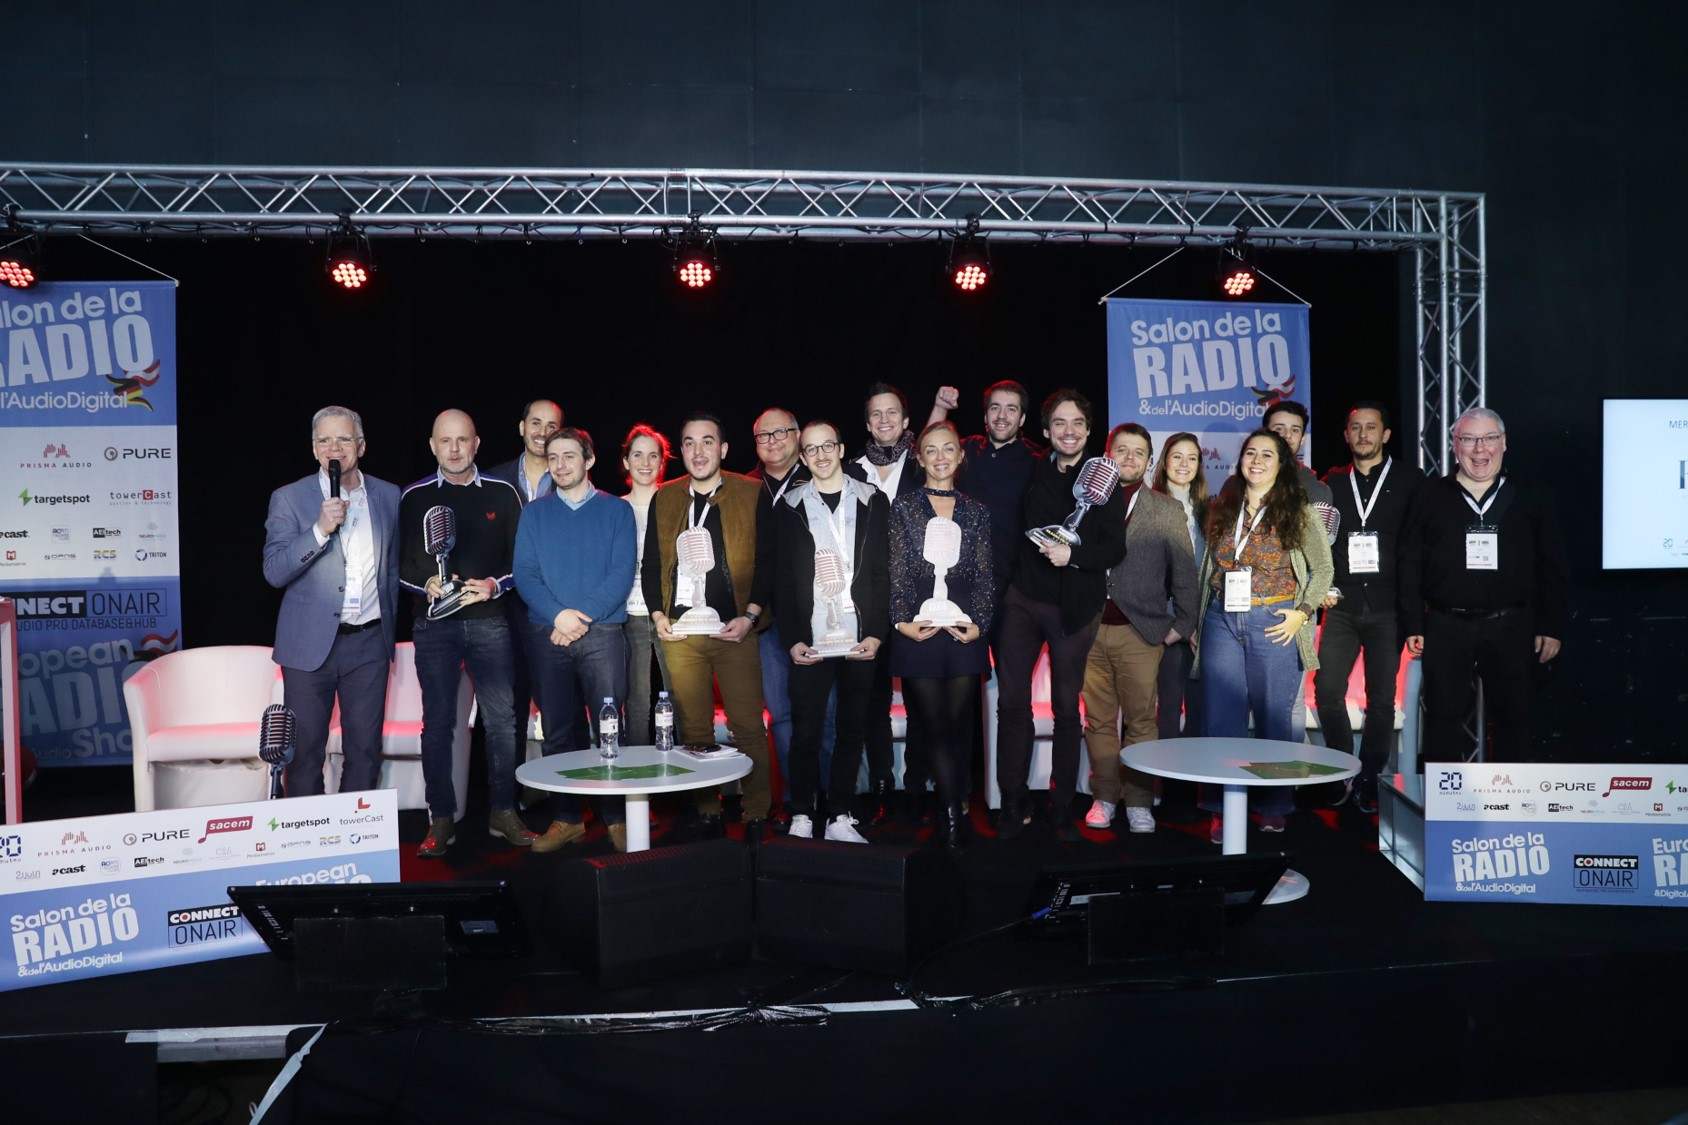 L'ensemble des professionnels de la publicité récompensés par un Grand Prix Radio de la Pub au Salon de la Radio et de l'Audio Digital.